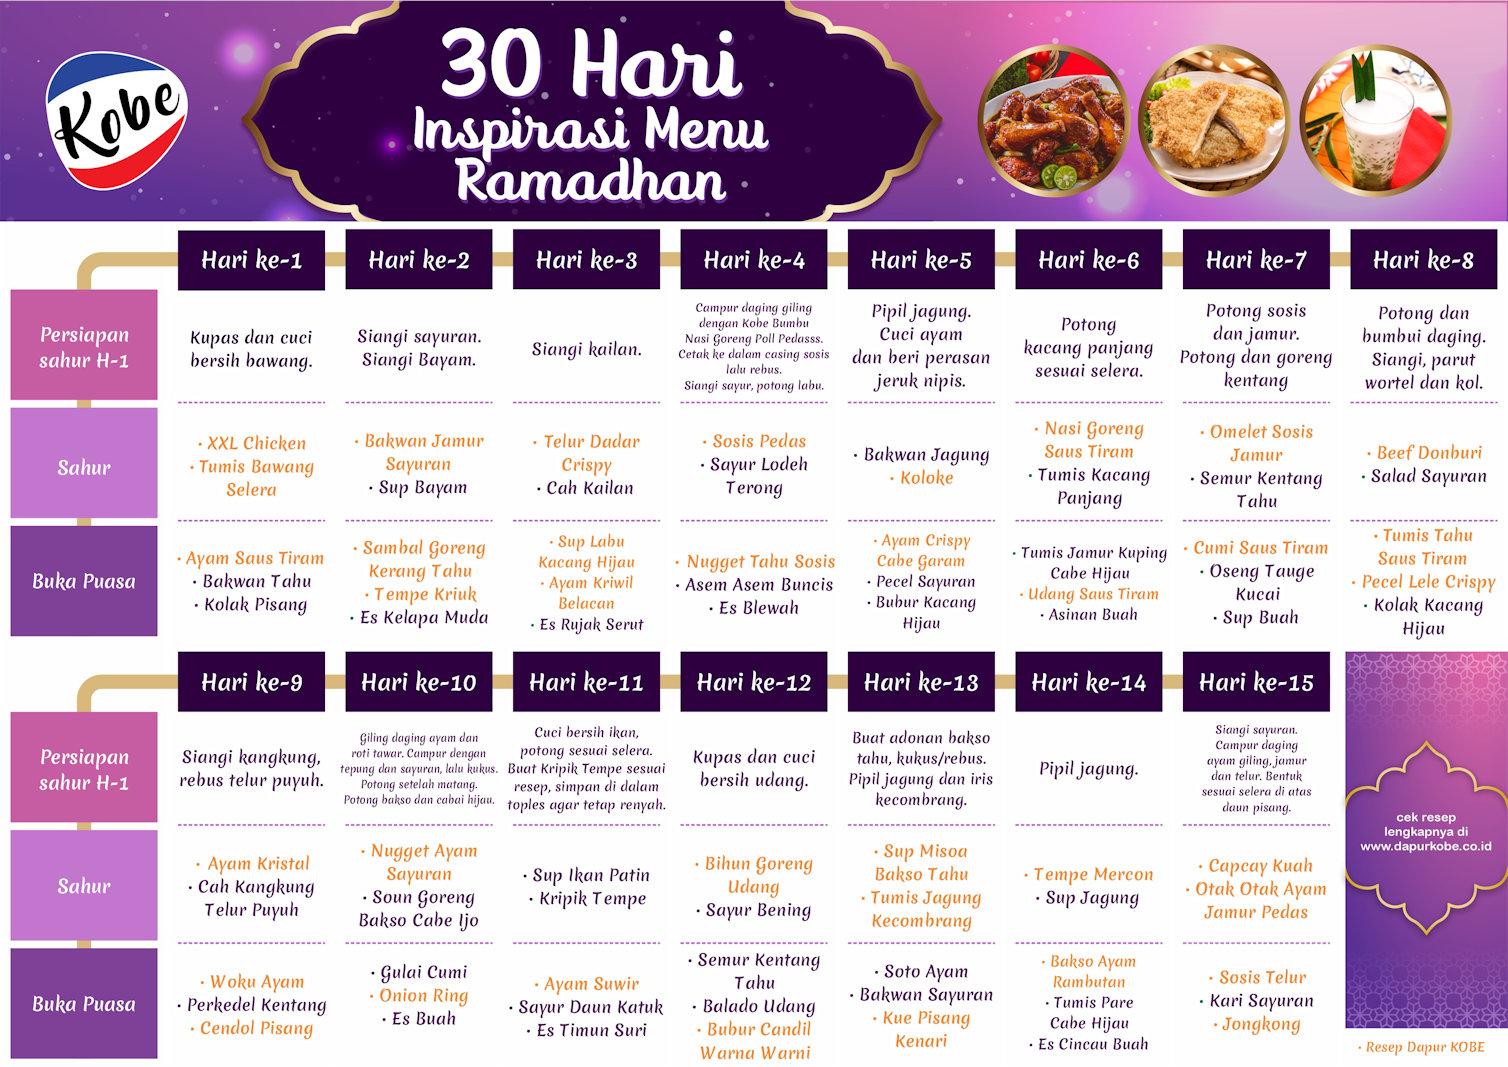 Inspirasi Menu Ramadhan Resep Sahur Dan Buka Puasa Untuk 30 Hari